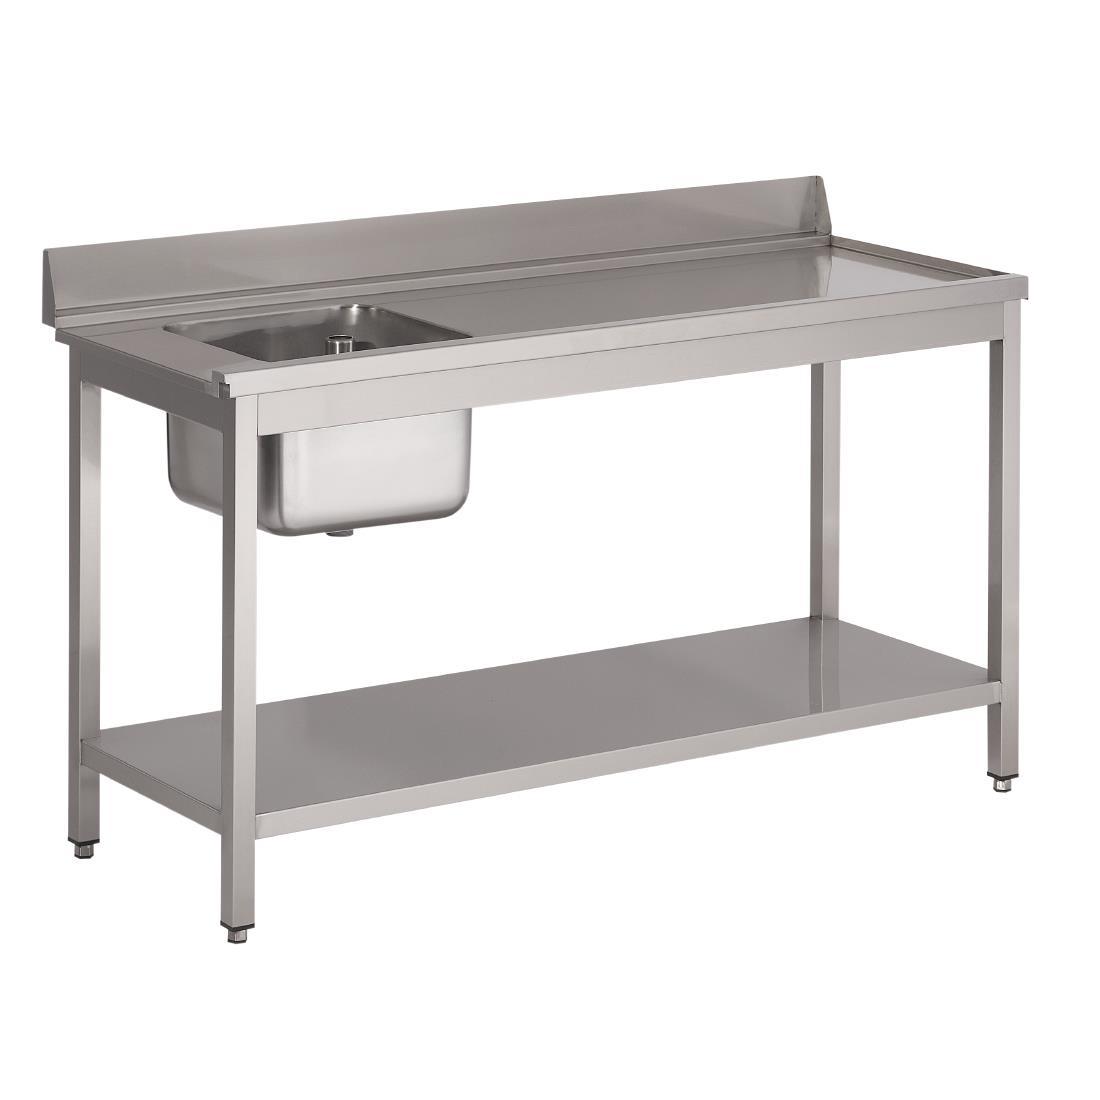 Table d\'entrée lave-vaisselle inox avec bac à gauche dosseret et tablette inférieure Gastro M 850x1400x700mm